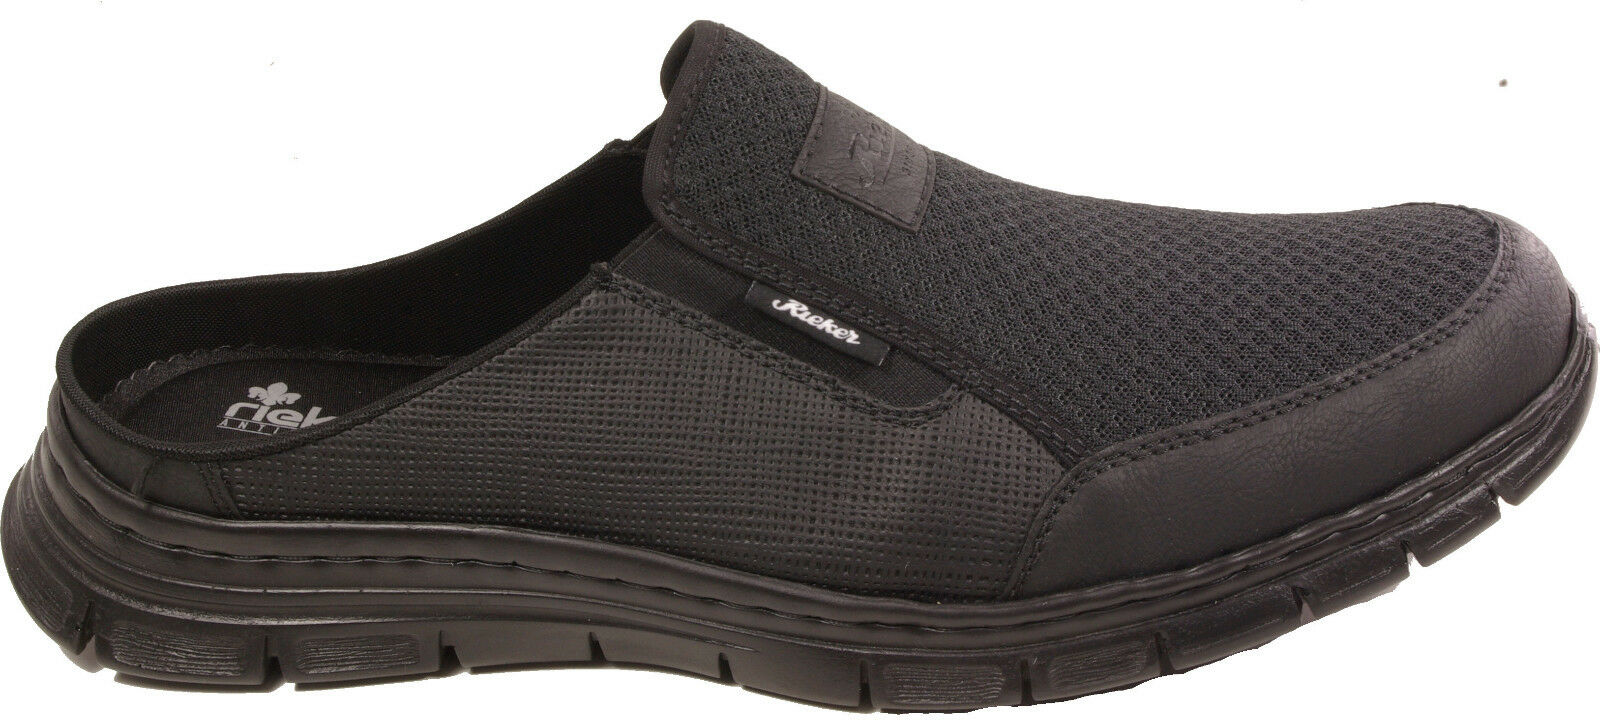 RIEKER Schuhe Pantoletten Clogs Hausschuhe schwarz Weichbettung  NEU